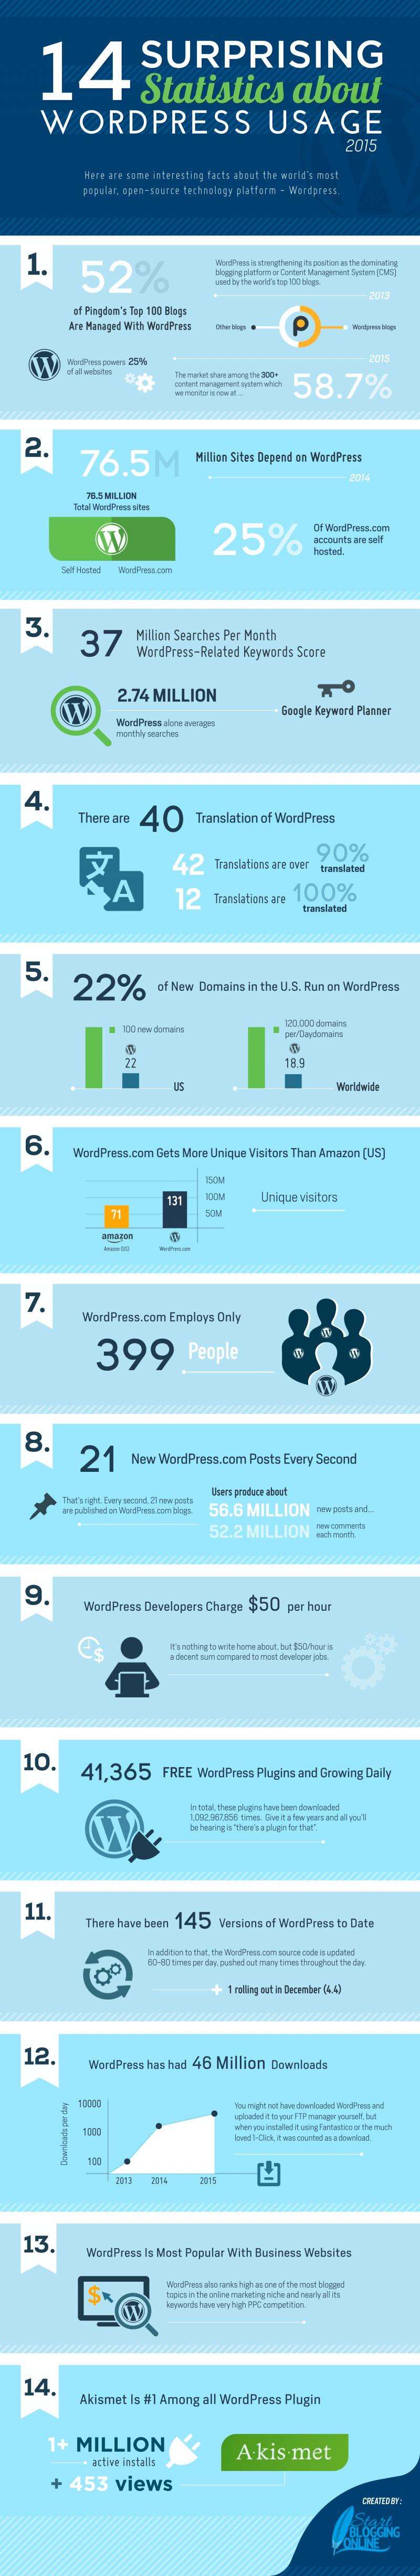 14 estadísticas sorprendentes sobre el uso de wordpress